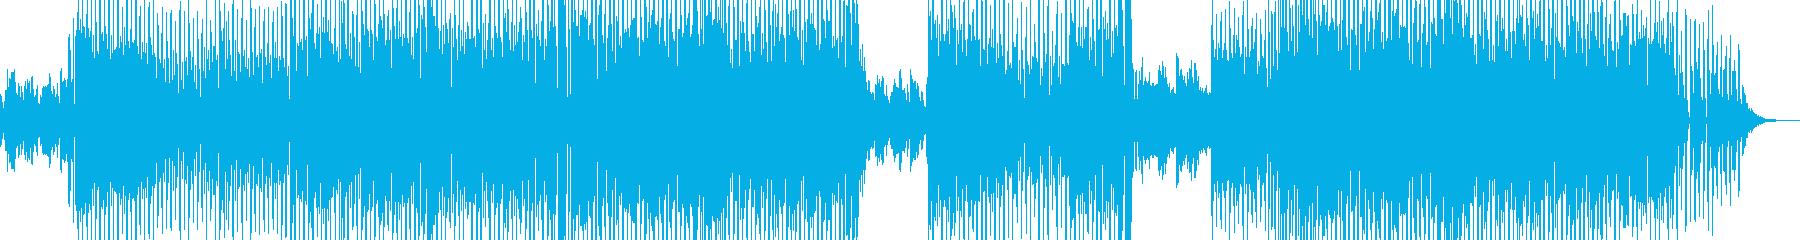 ホッと落ち着く日常的なテクノの再生済みの波形